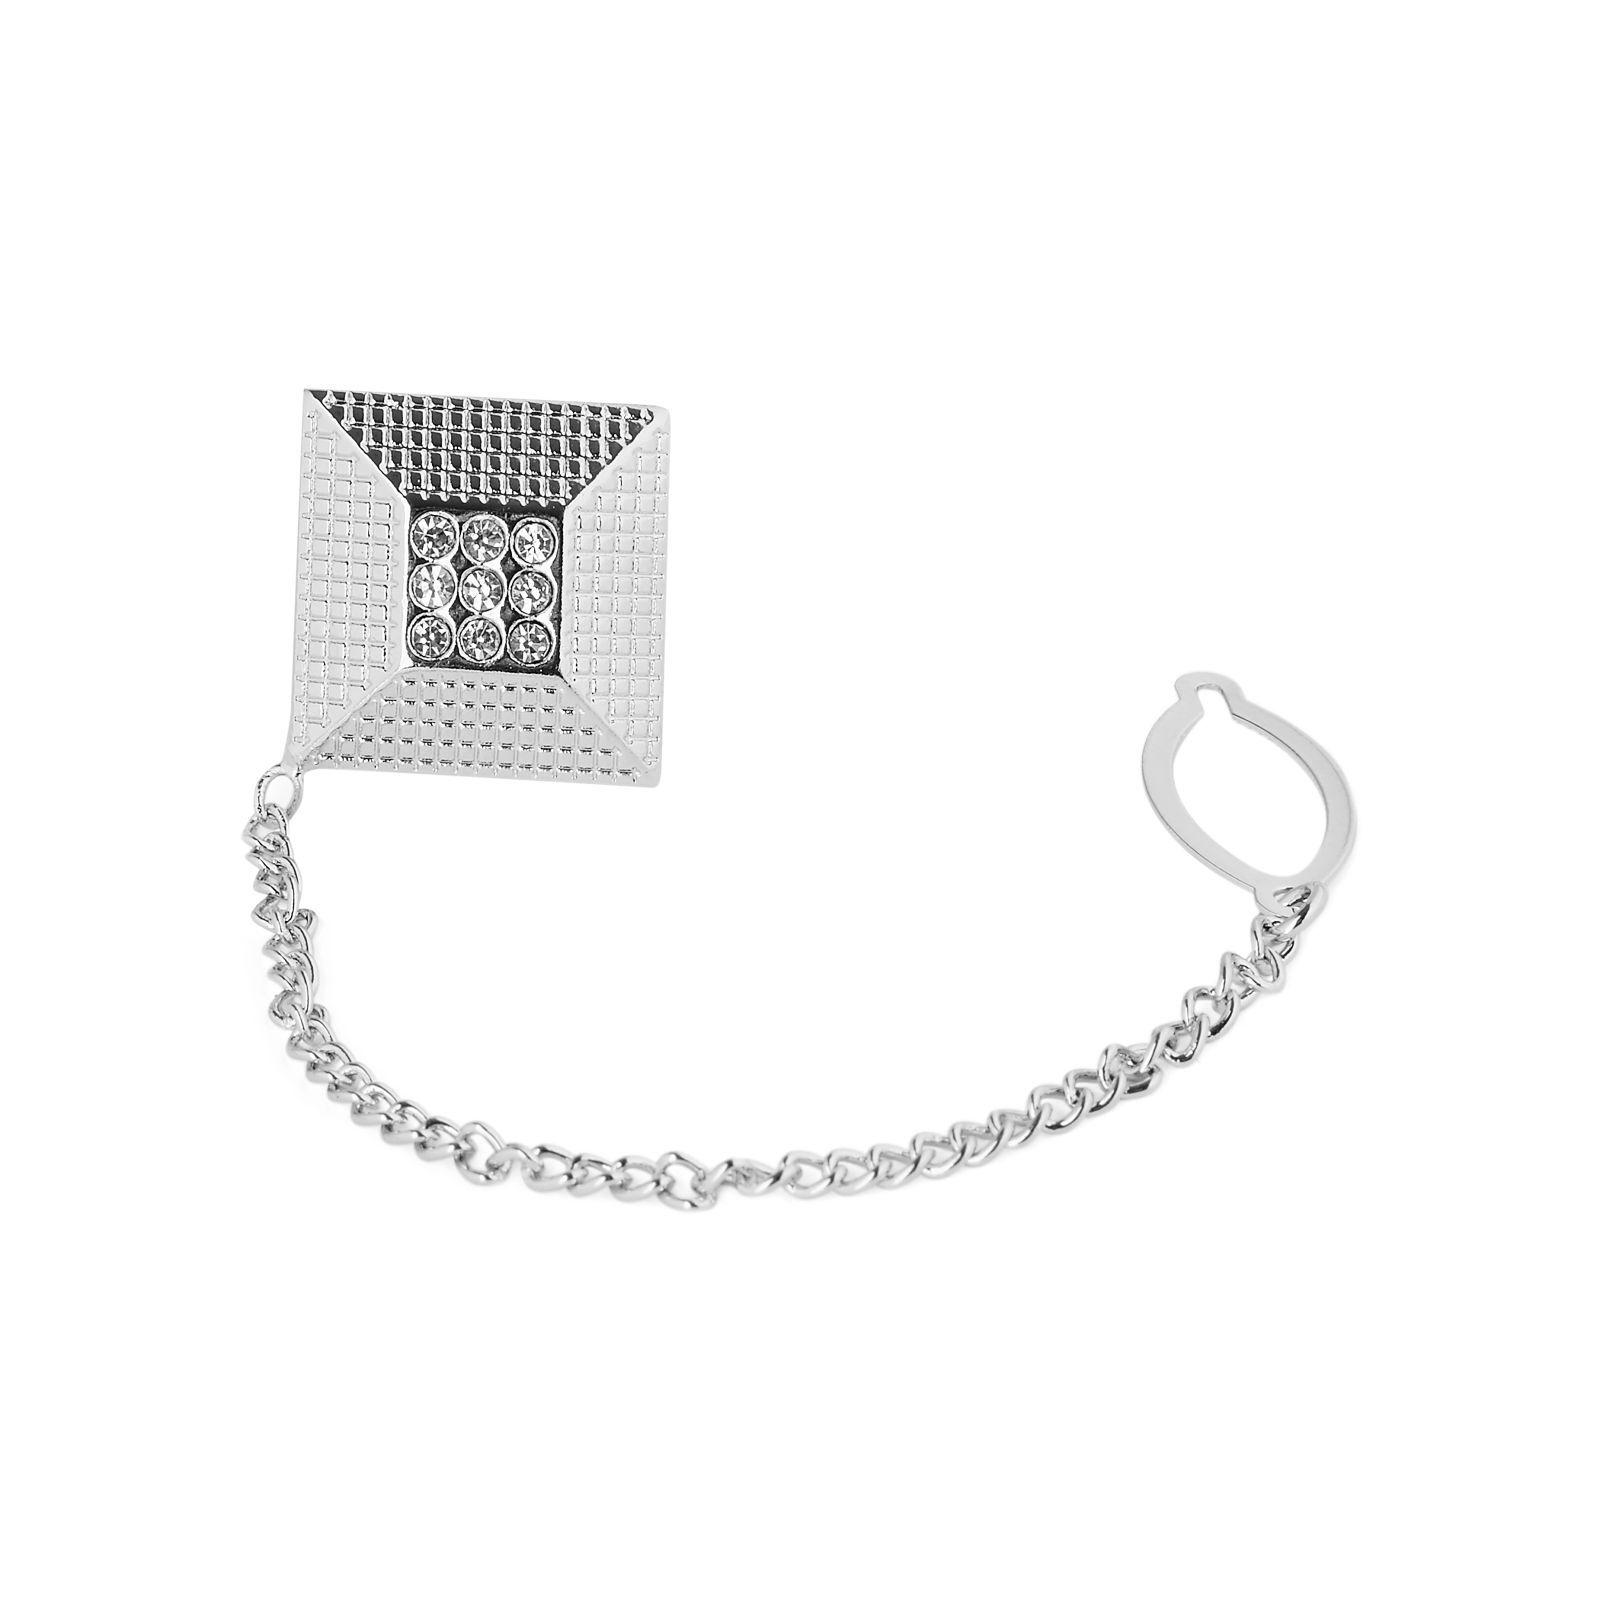 Warren Asher Pyramiidin mallinen pinssi/solmioketju